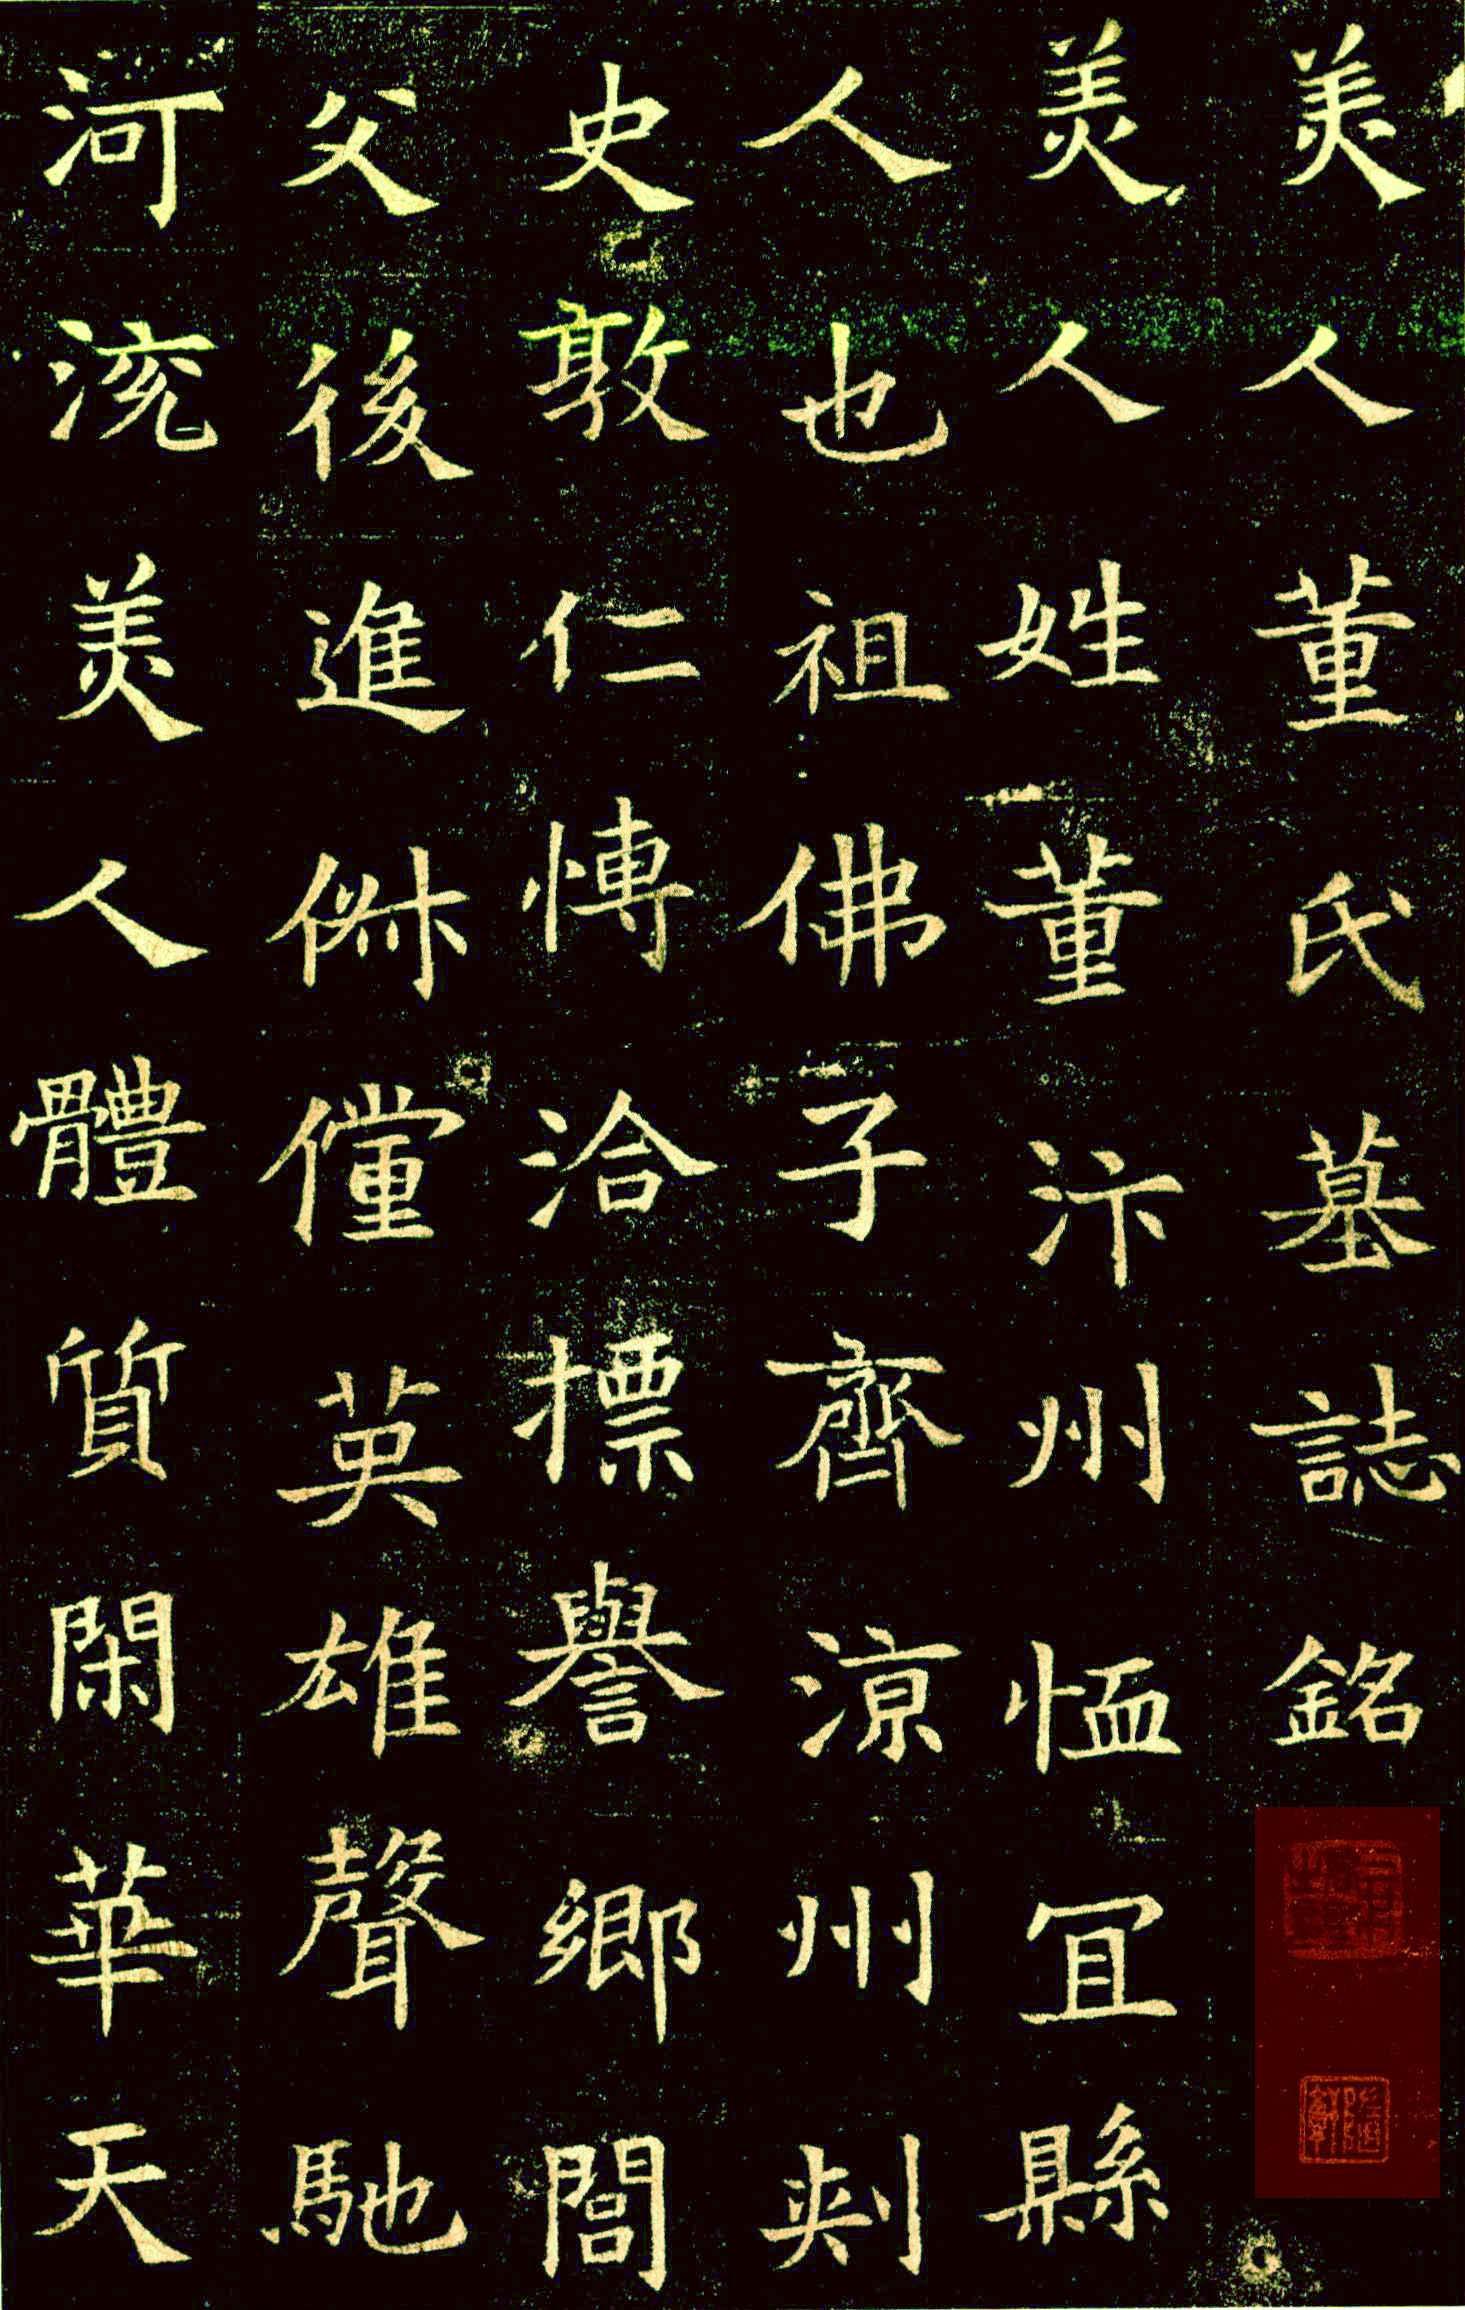 董美人墓志(美人董氏墓志铭) - 老排长 - 老排长(6660409)